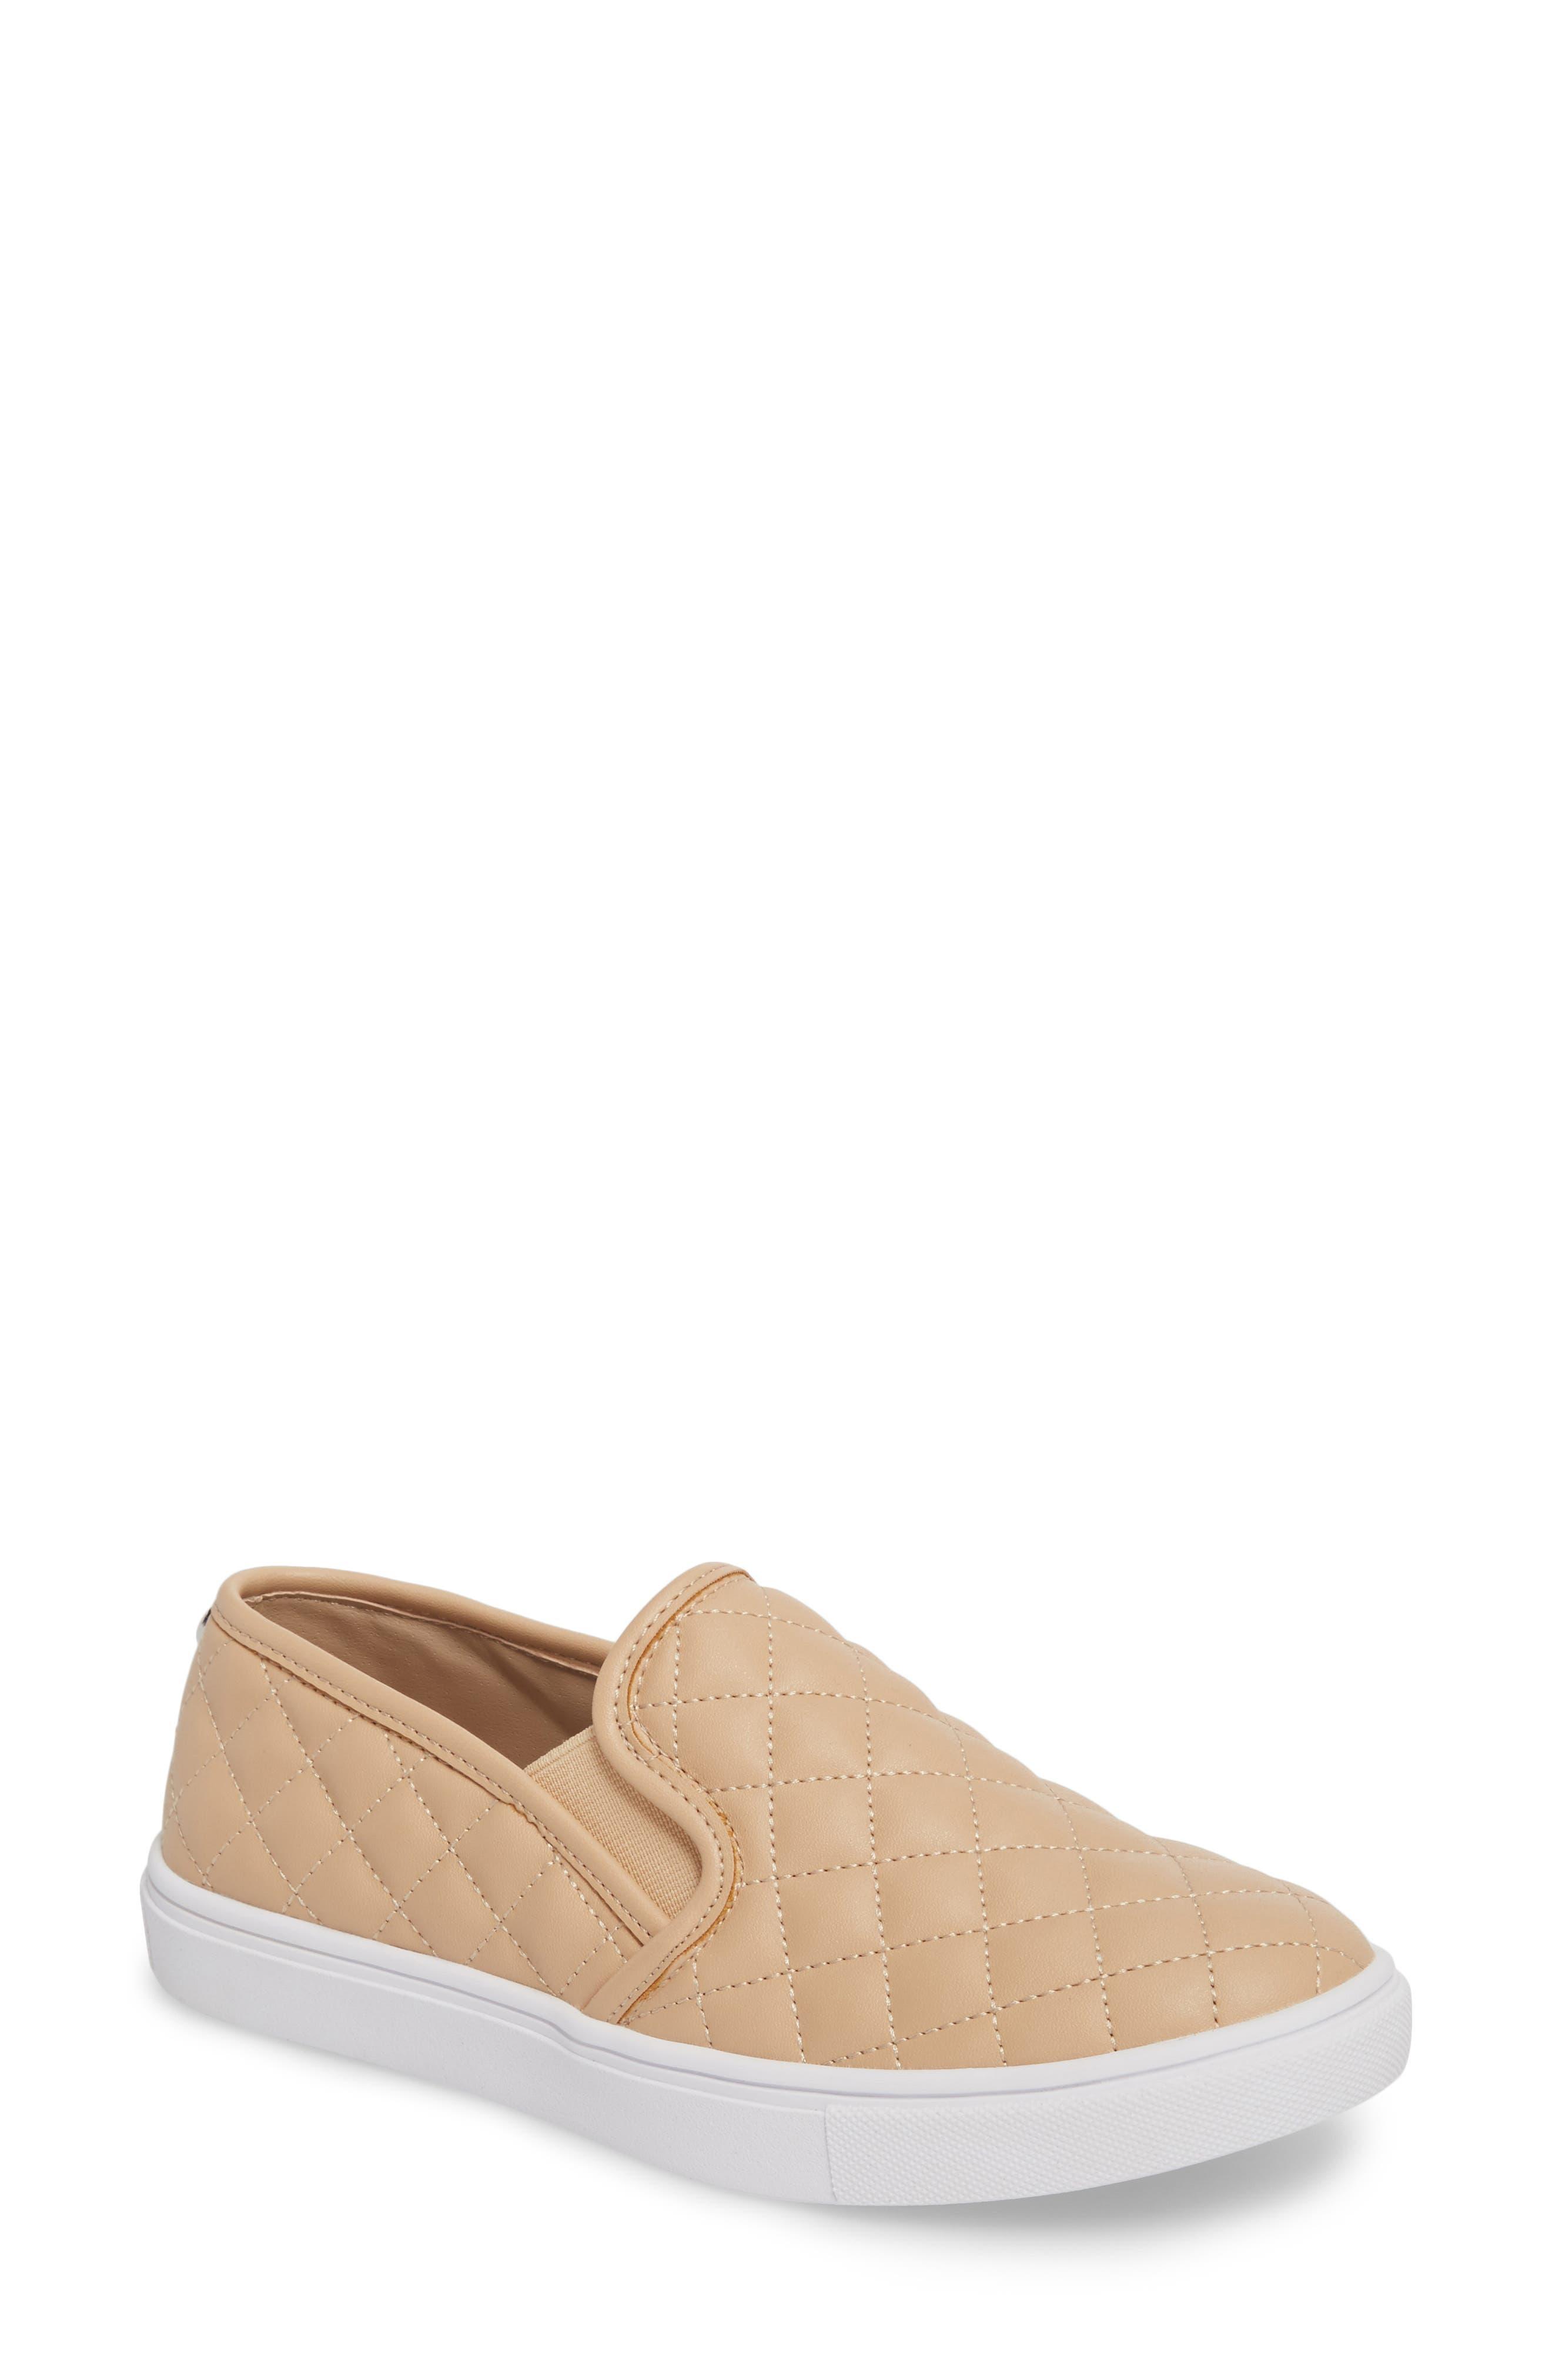 Steve Madden 'Ecentrcq' Sneaker ...